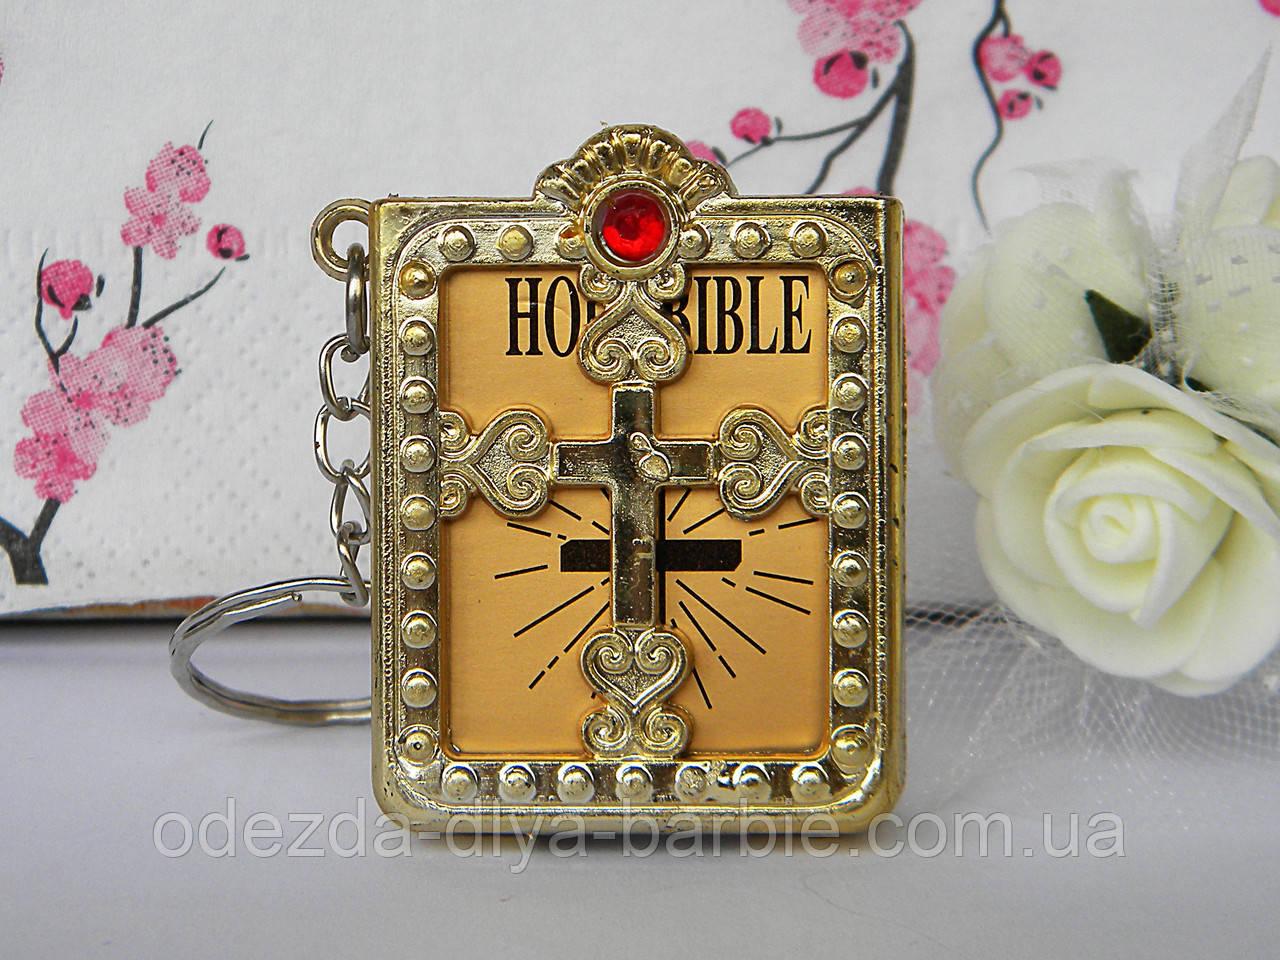 Аксессуары для кукол - мини библия золотая